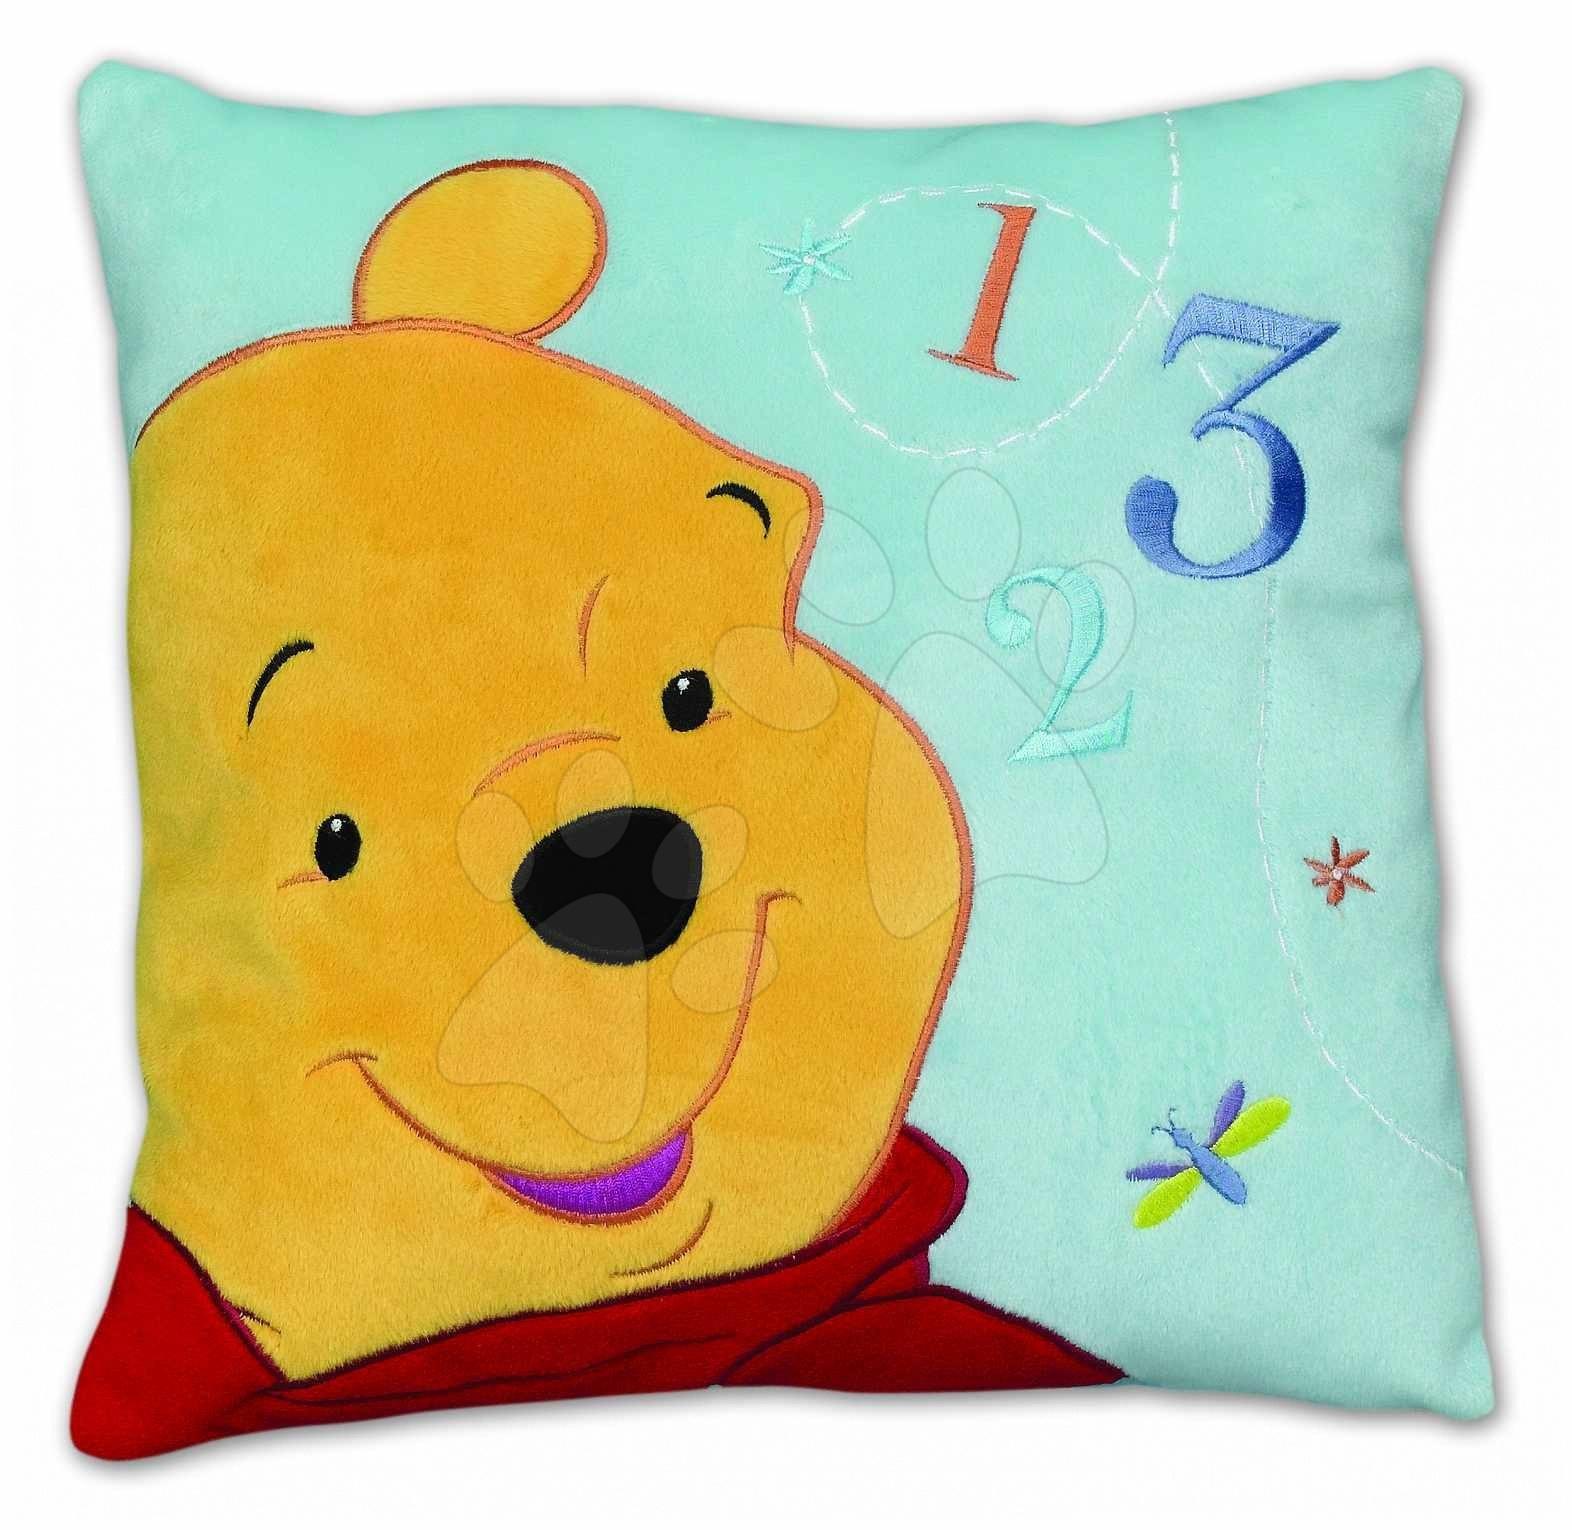 Medvídek Pooh polštářek Ilanit 36 cm